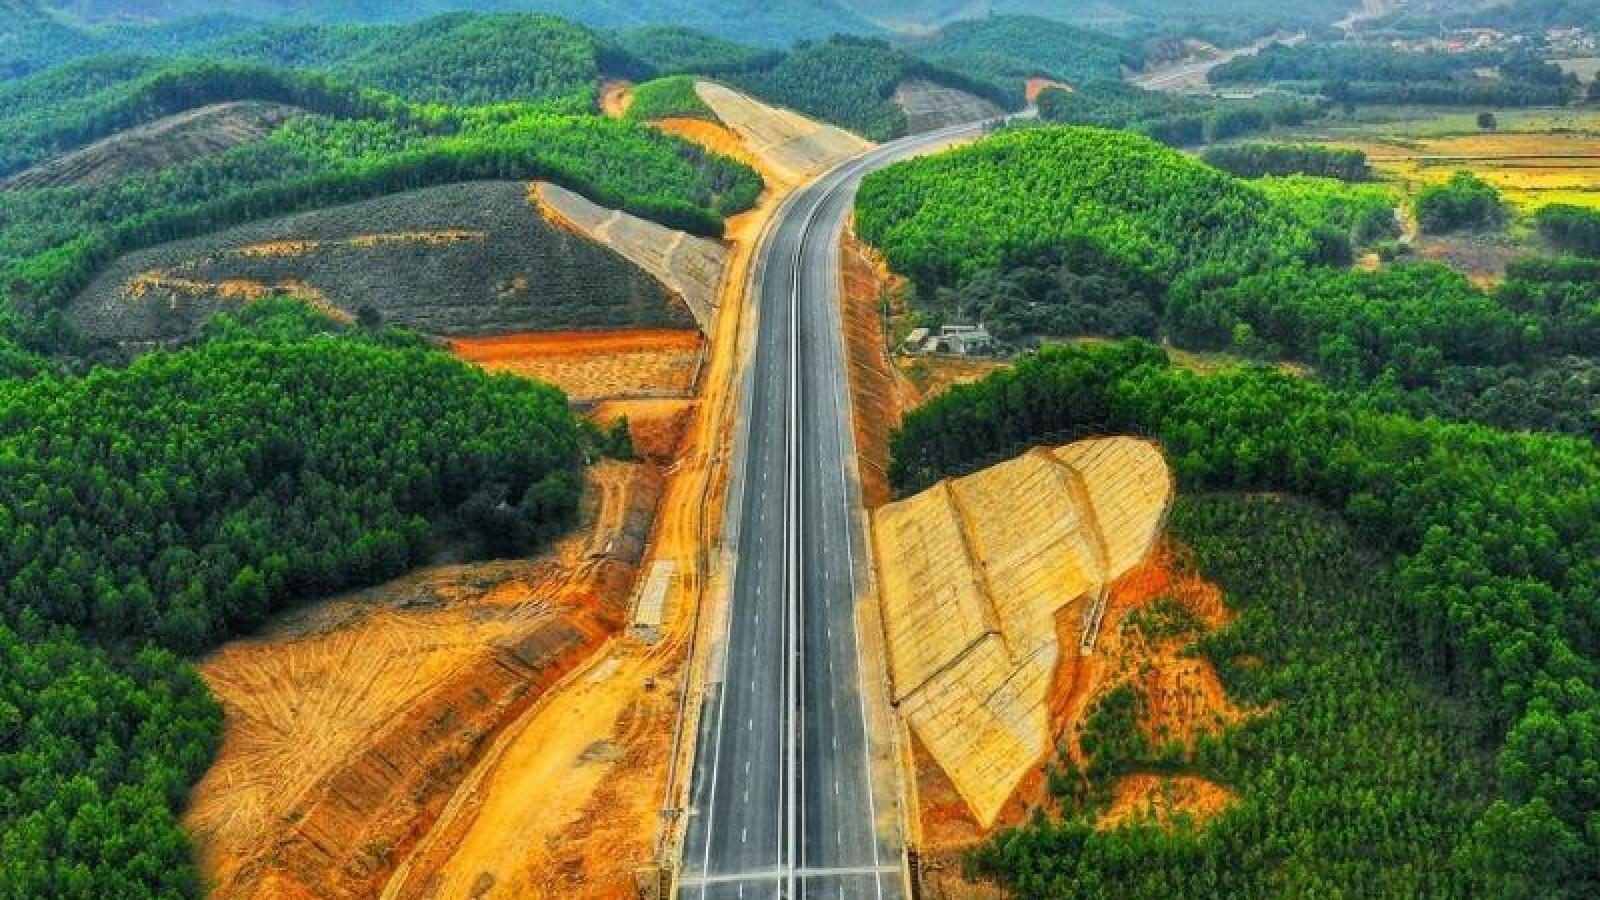 Hơn 16.400 tỷ đồng đầu tư xây dựng cao tốc Tân Phú – Bảo Lộc